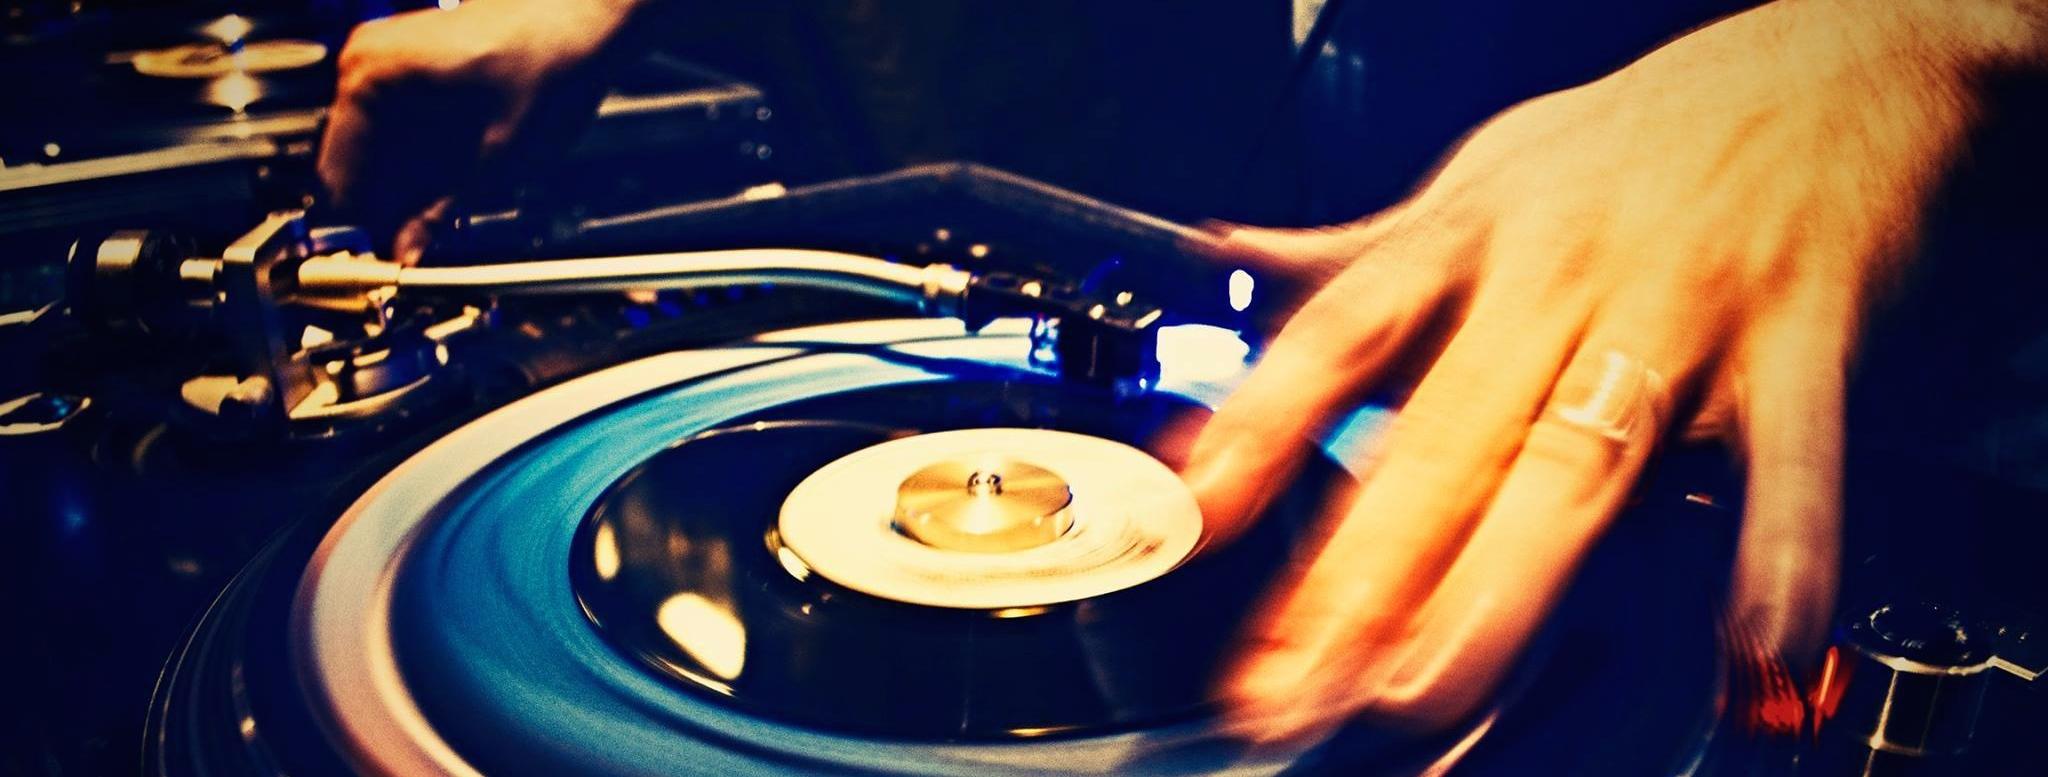 Desky všech stylů pro sběratele i DJ's.